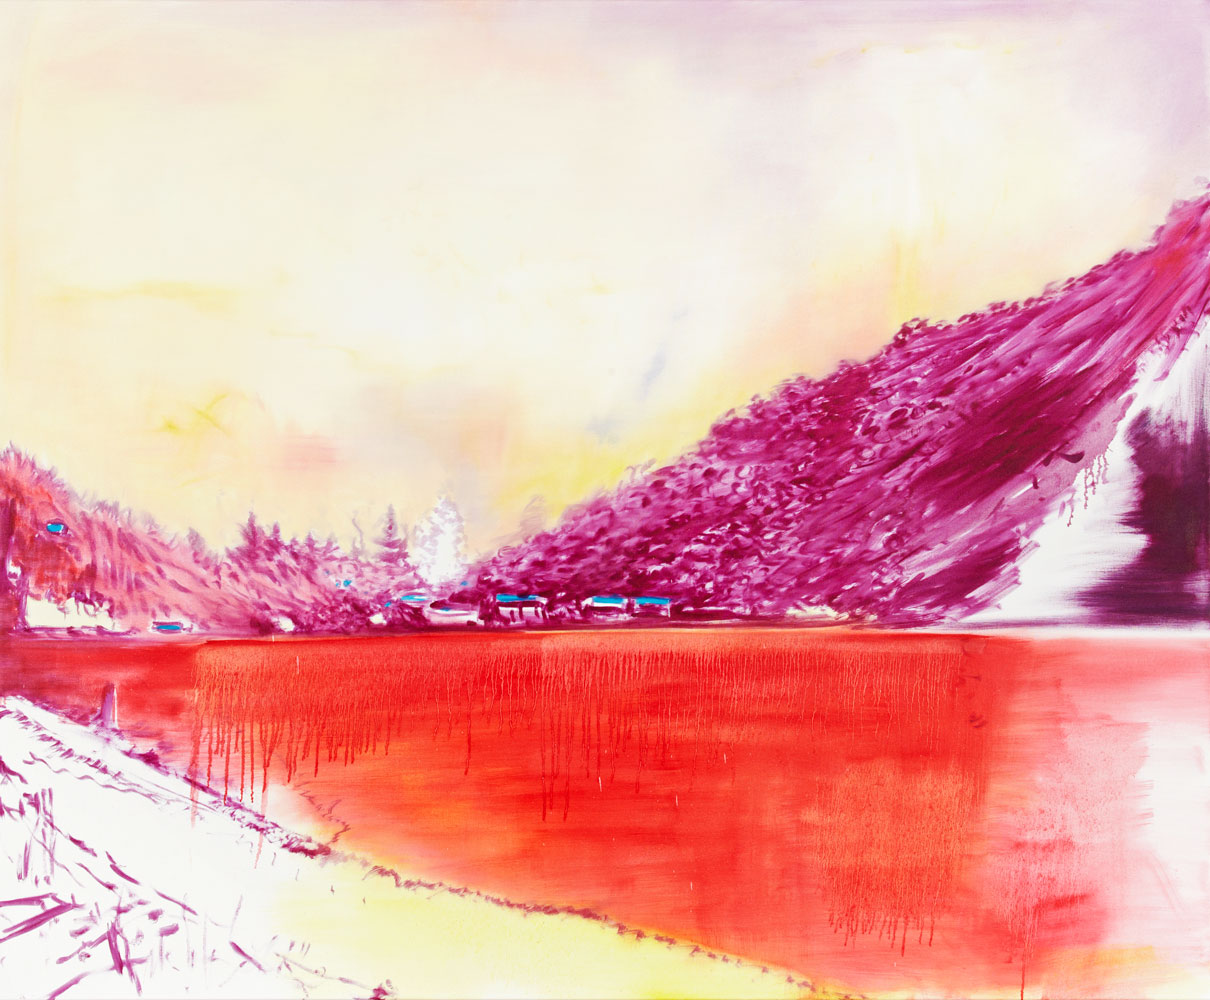 blutig allzu blutig siecht der See das Licht wie nach einem Supergau unwirklich alles verseuchend